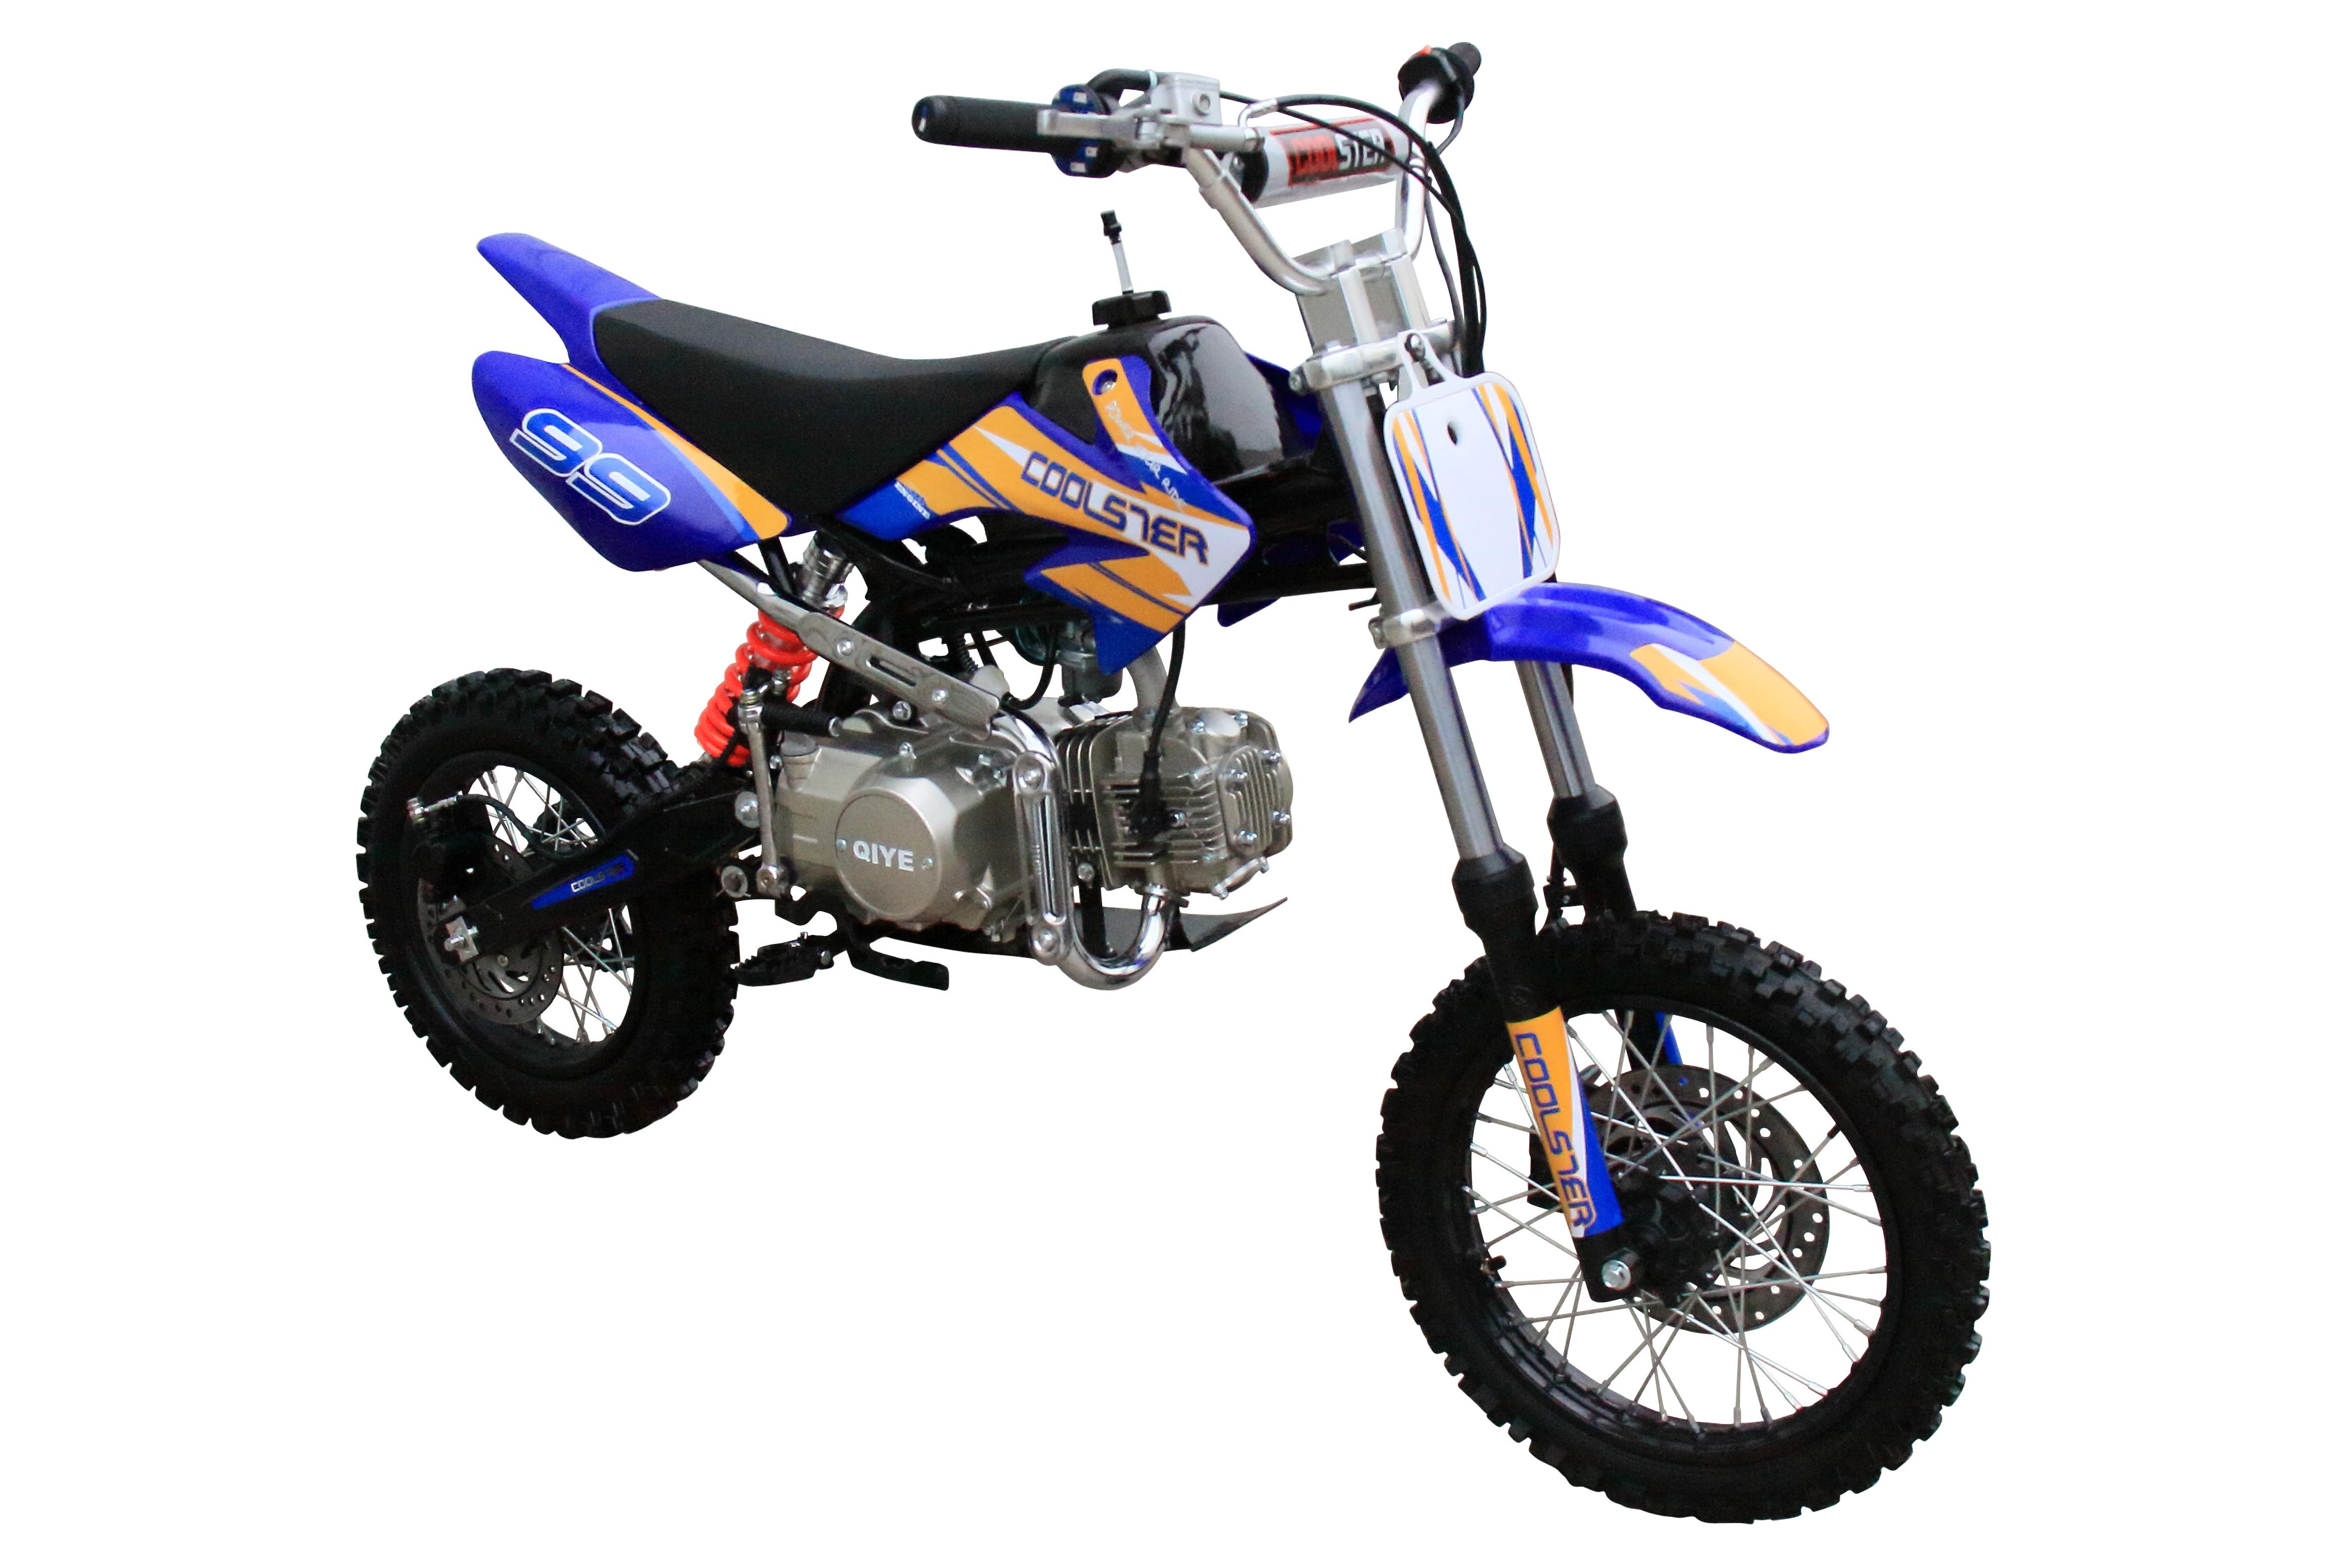 coolster 125cc xr125 manual pit dirt bike. Black Bedroom Furniture Sets. Home Design Ideas